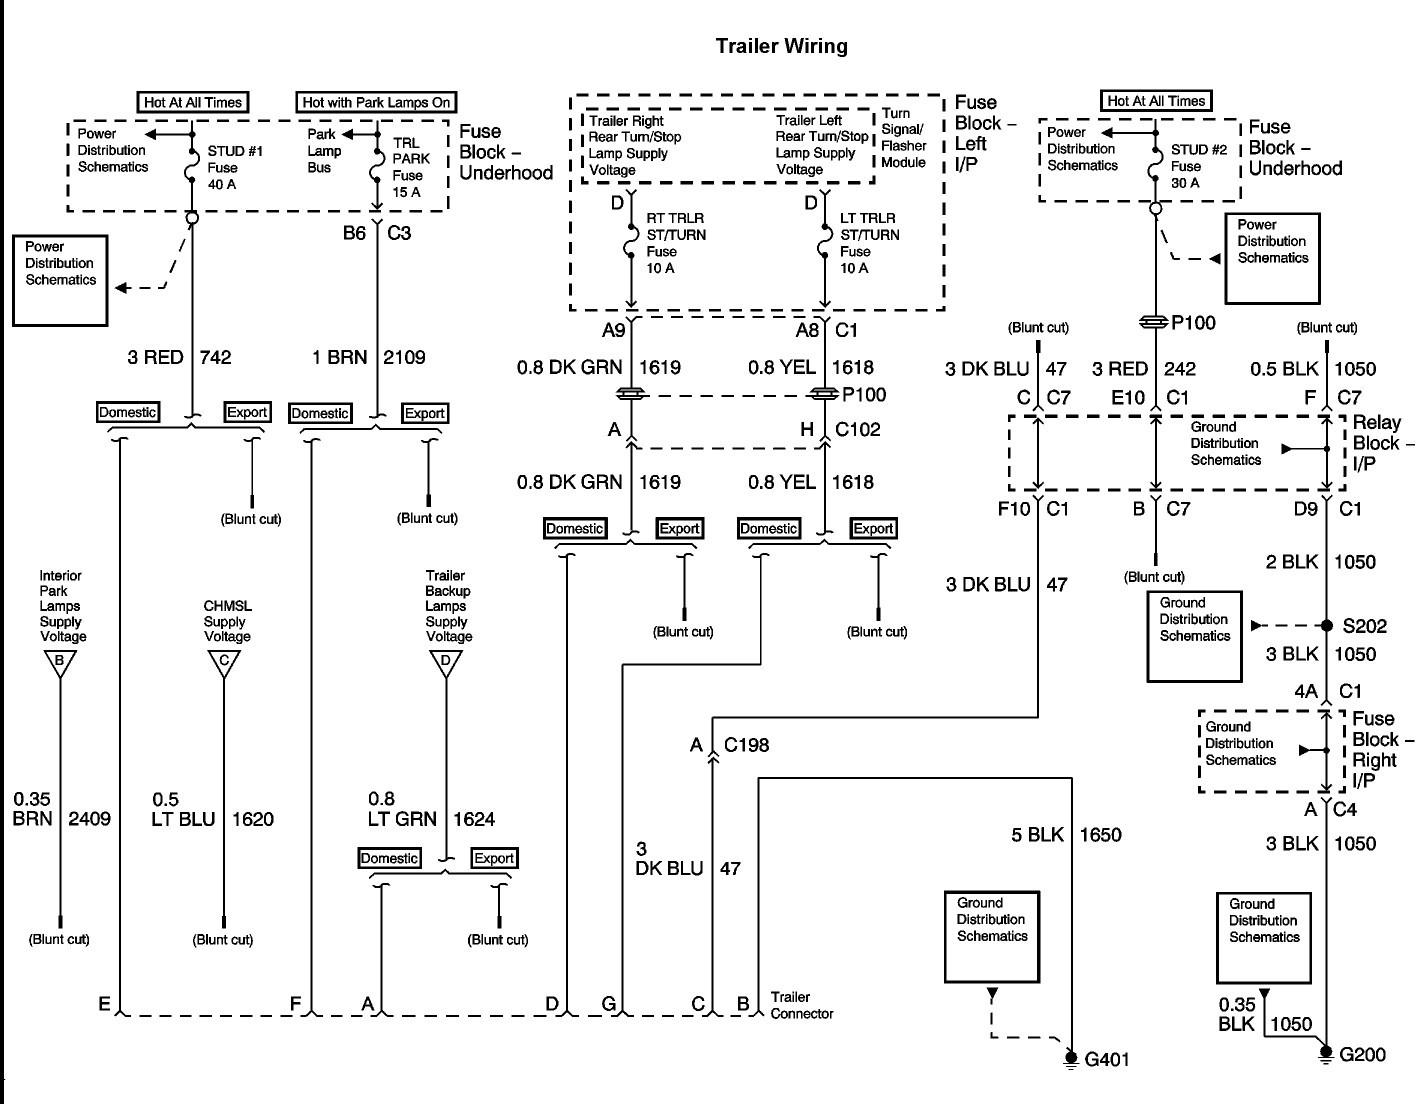 Wiring Schematic For 2009 Chevrolet Avalanche - Wiring ... on chrysler wiring schematics, mercedes-benz wiring schematics, international wiring schematics, honda wiring schematics, husqvarna wiring schematics, porsche wiring schematics, nissan wiring schematics, kubota wiring schematics, john deere wiring schematics, ford wiring schematics, dodge wiring schematics, chevrolet wiring schematics, land rover wiring schematics, subaru wiring schematics, freightliner wiring schematics, lexus wiring schematics, arctic cat wiring schematics, bsa wiring schematics,